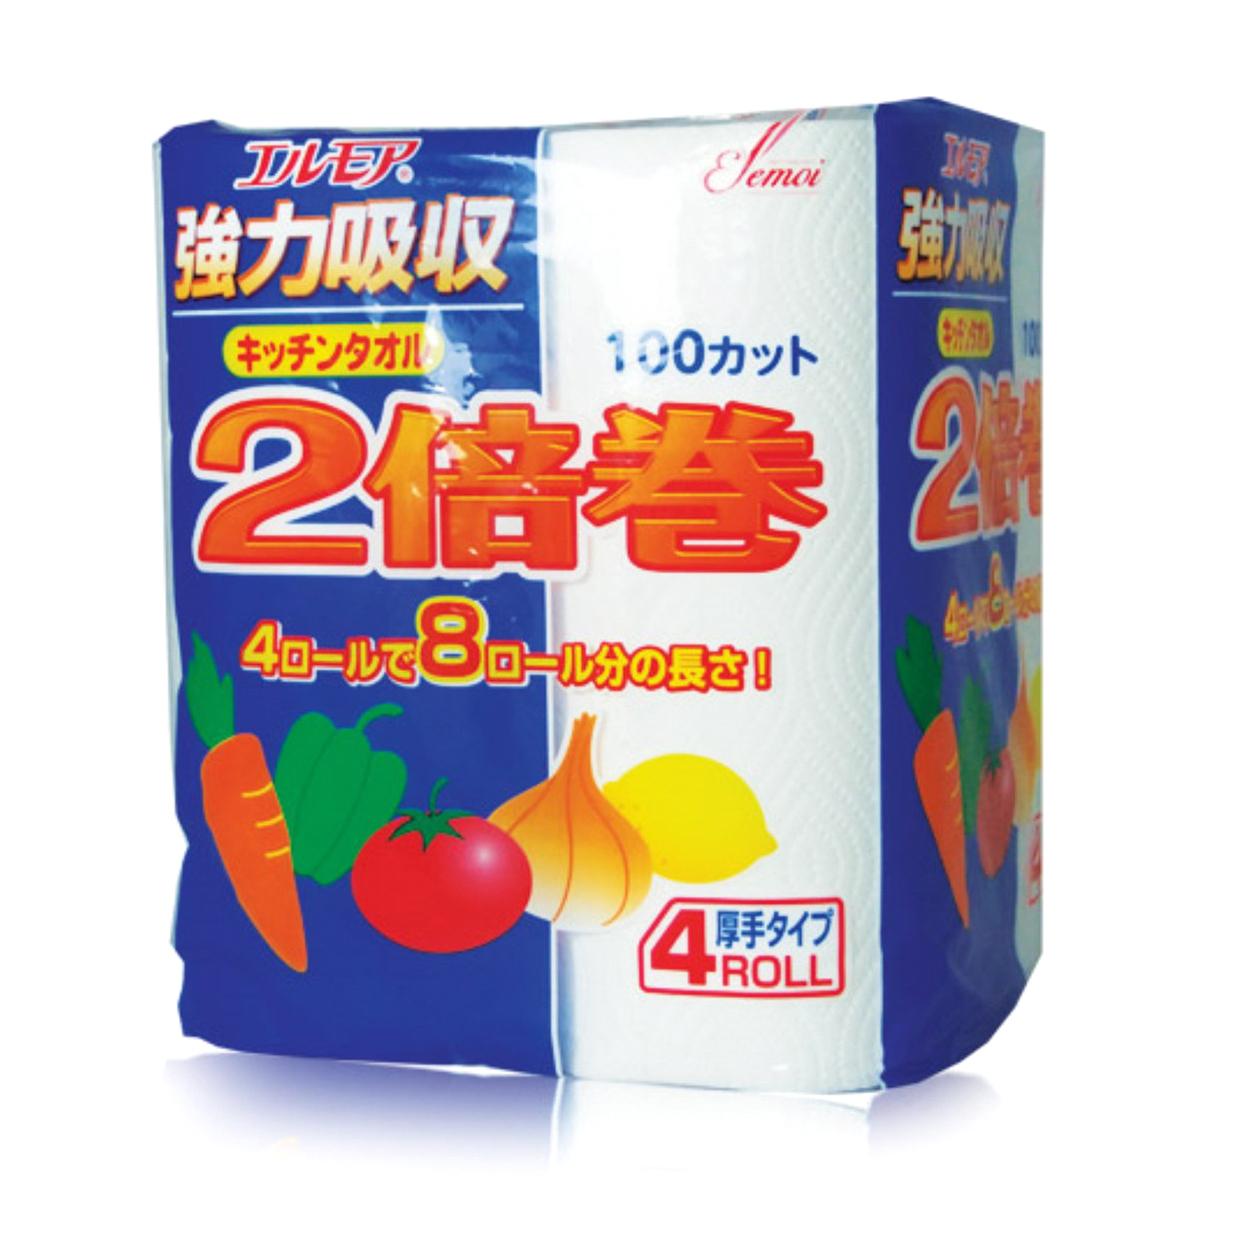 Бумажные полотенца для кухни Kami Shodji Ellemoi 4 рулона салфетки бумажные kami shodji ellemoi kinu bi голубые с шелком 2 слоя 200 шт в пачке